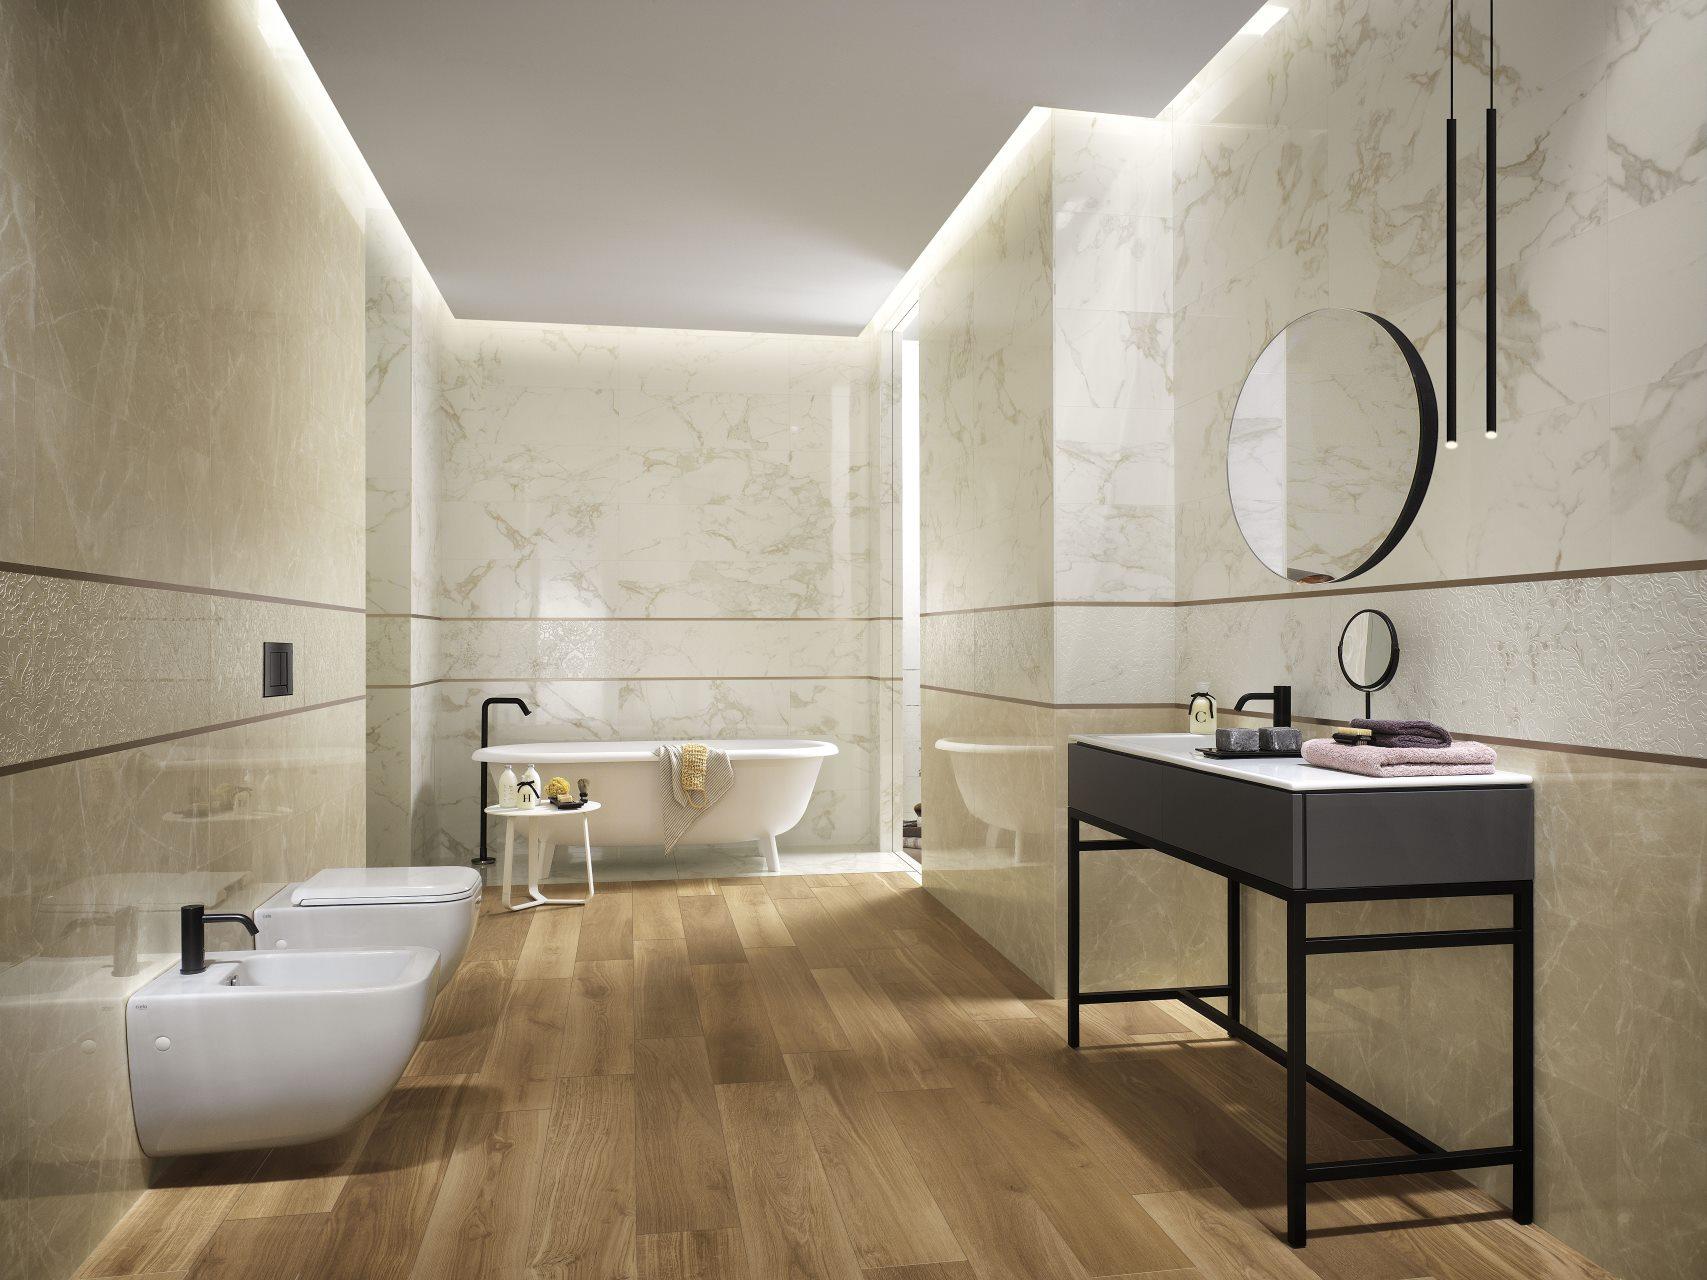 Roma classic una sofisticata interpretazione del marmo dall 39 eleganza contemporanea - Rivestimenti bagno roma ...